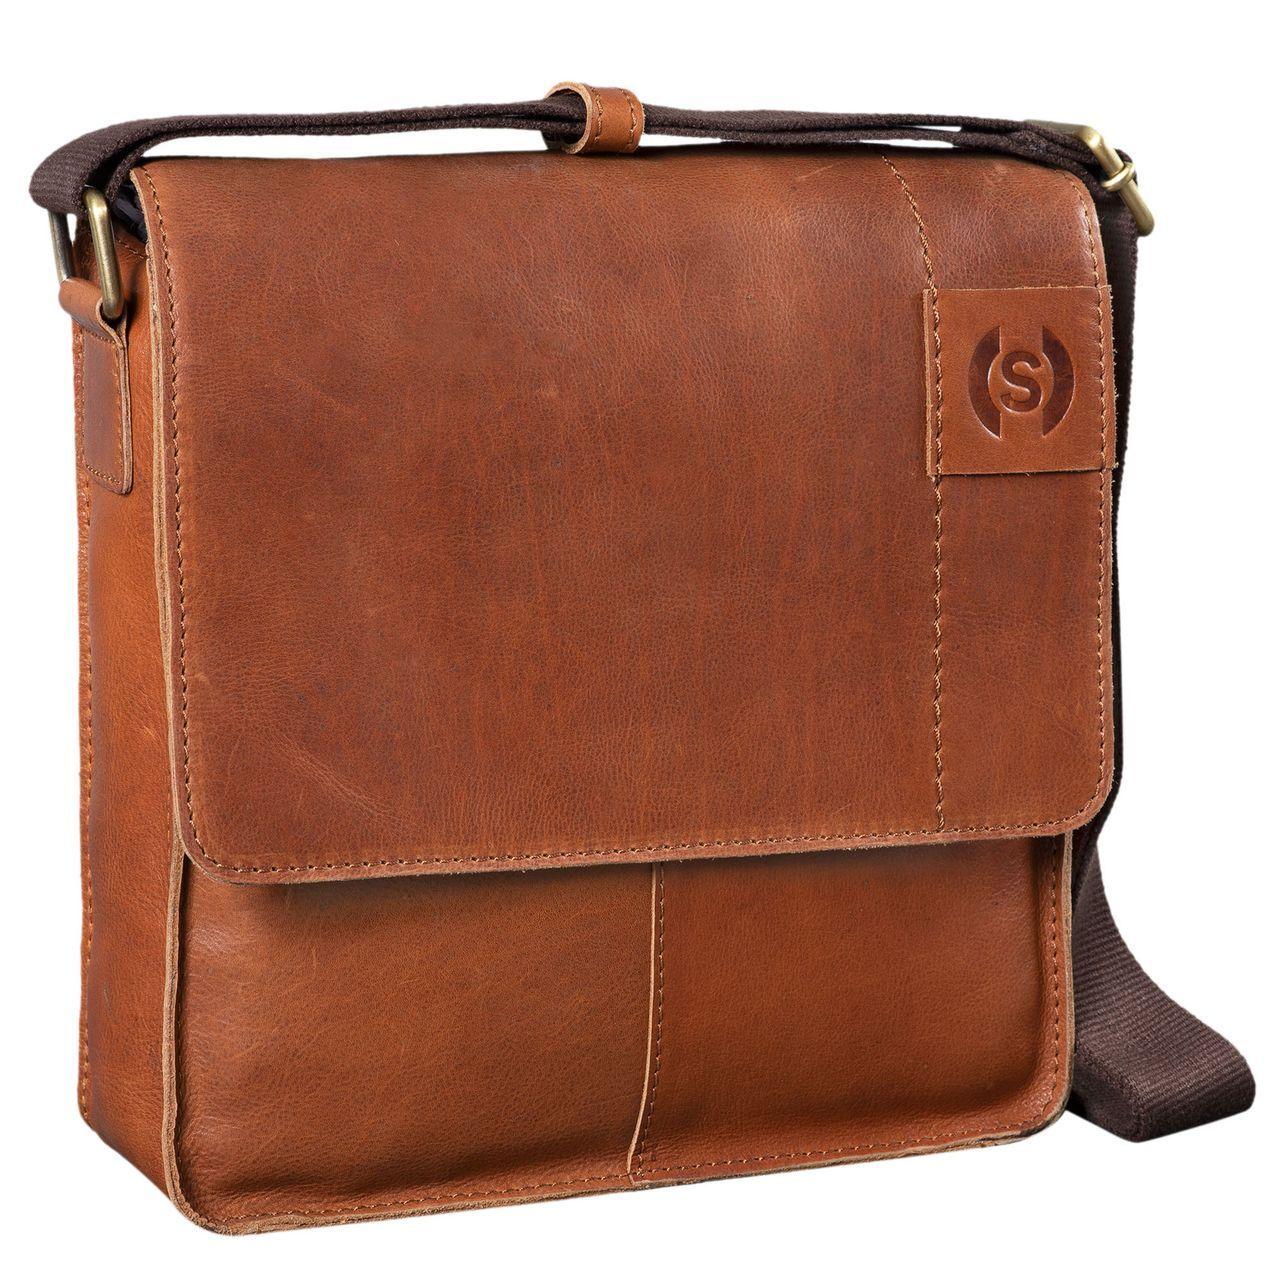 STILORD  Mirco    Tablet Umhängetasche Leder 9.7 Zoll iPad Tasche für Herren | Zu einem niedrigeren Preis  0560cb